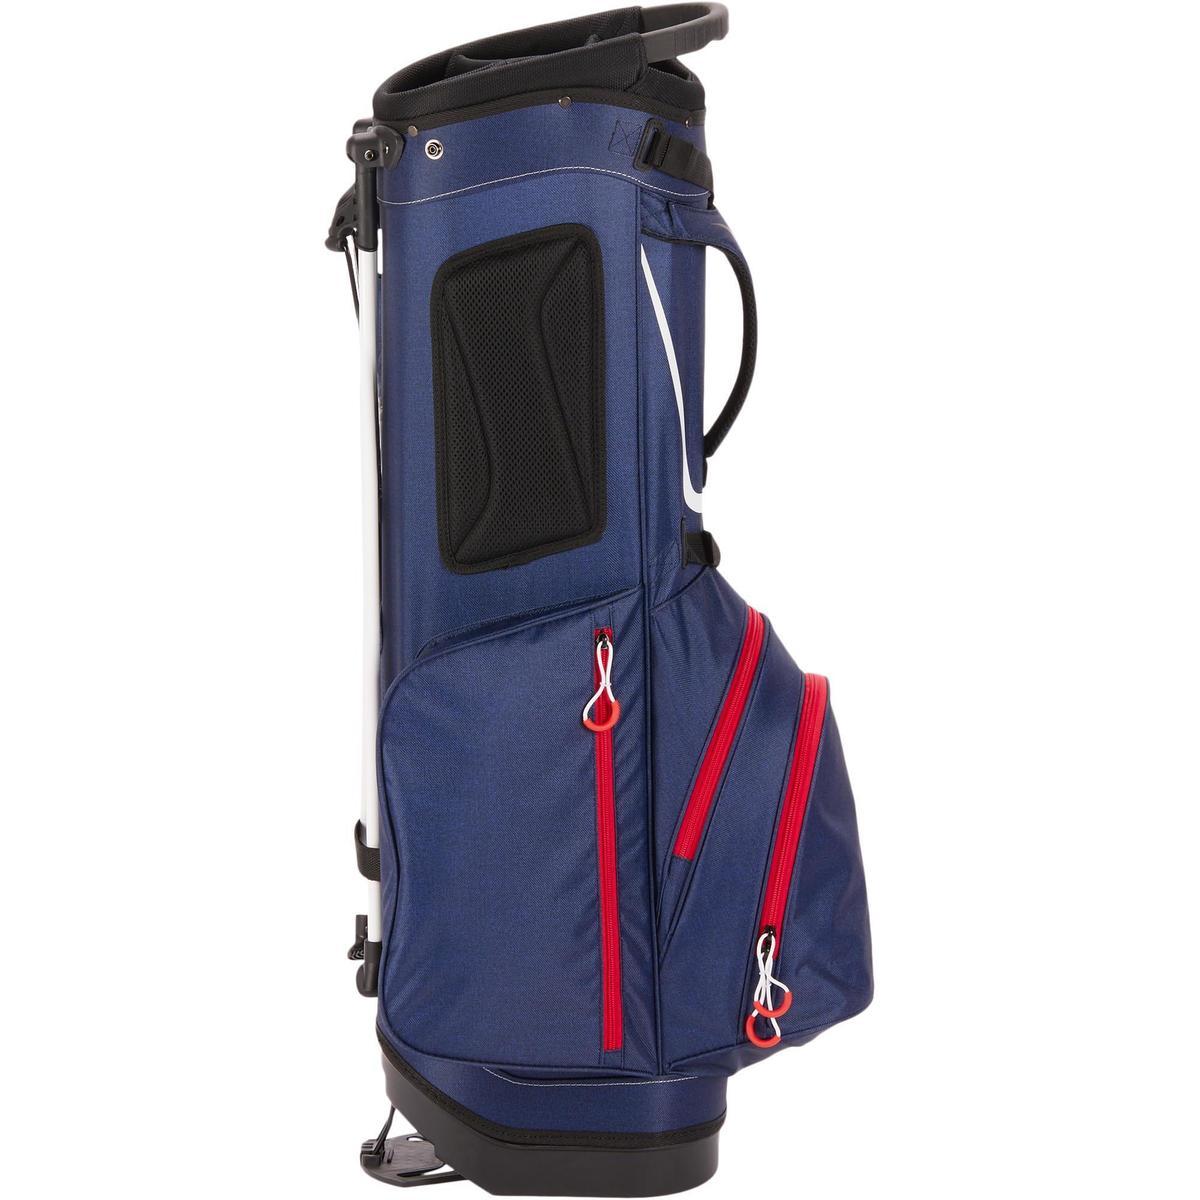 Bild 5 von Golf Standbag Light